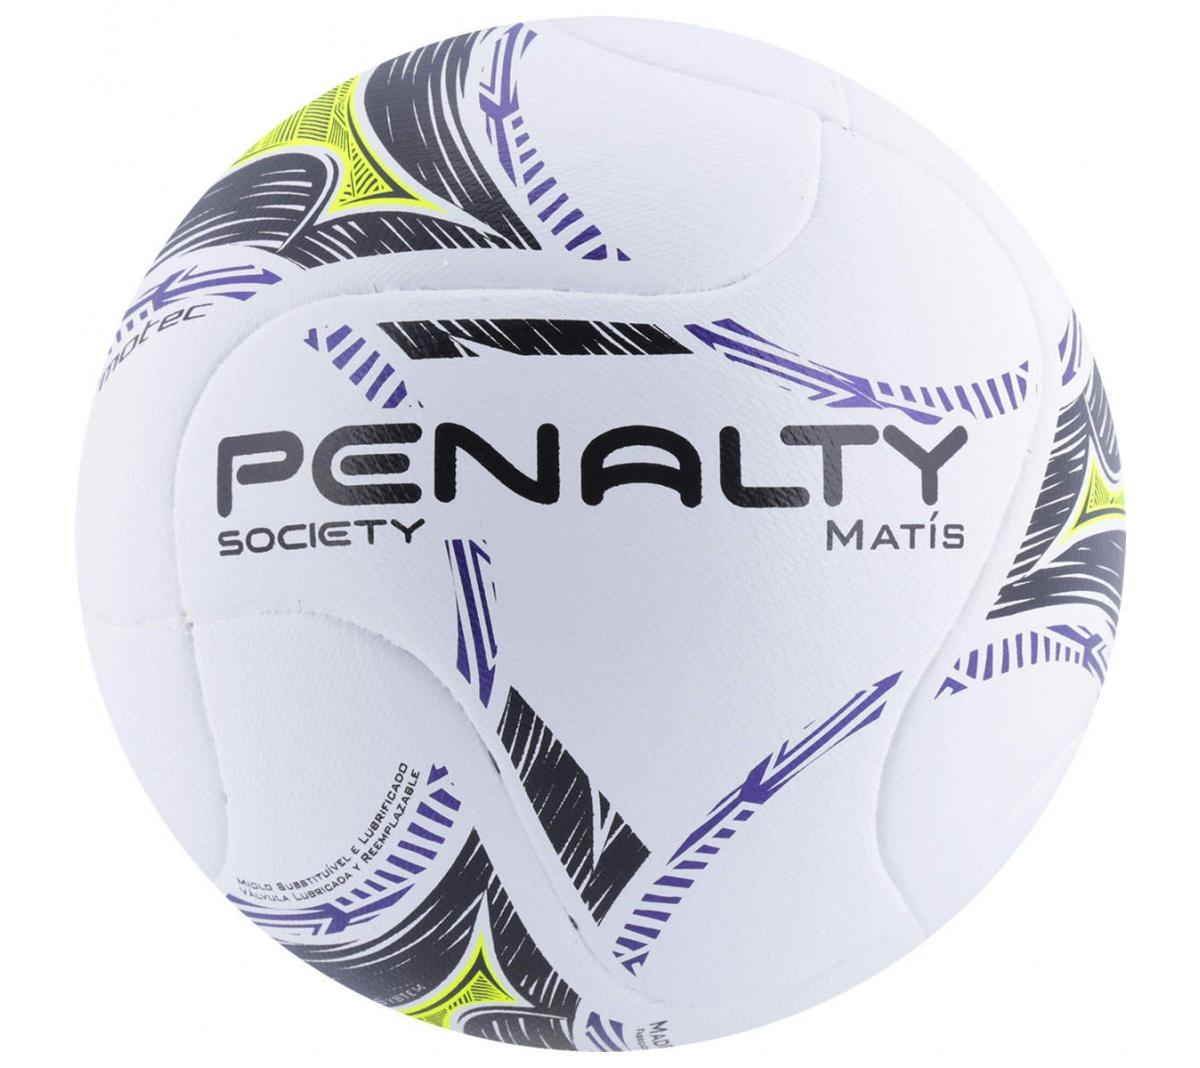 c1d530c75c1d2 Bola Penalty Society Matis VI Bola Penalty Society Matis VI